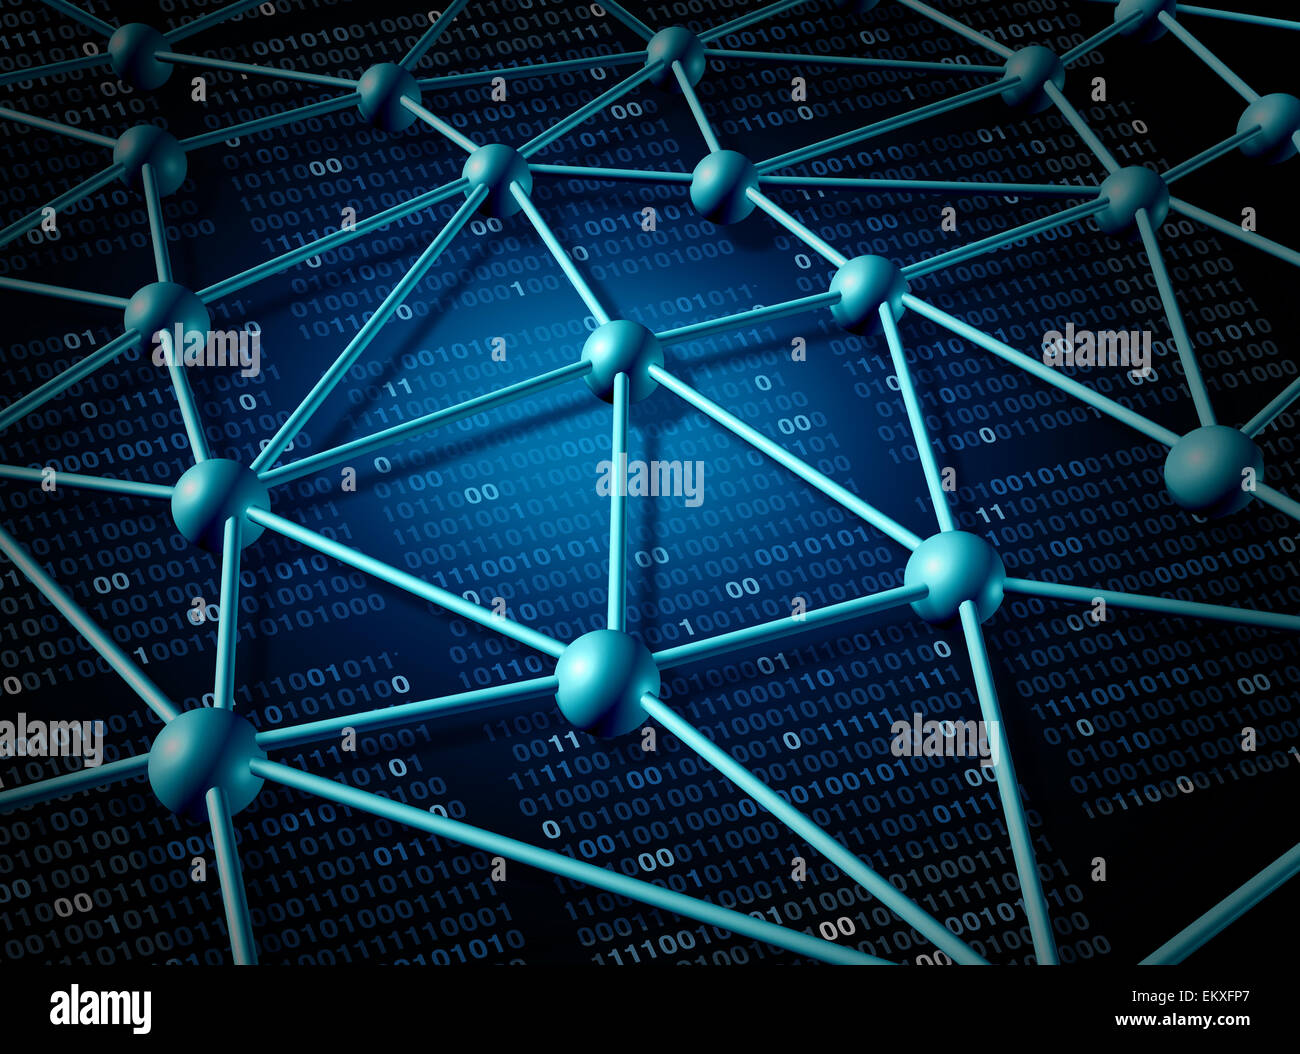 Telekommunikation Netzwerk Struktur und Vernetzung Konzept mit Verbindung Netz auf das Internet als abstrakt Business Stockfoto